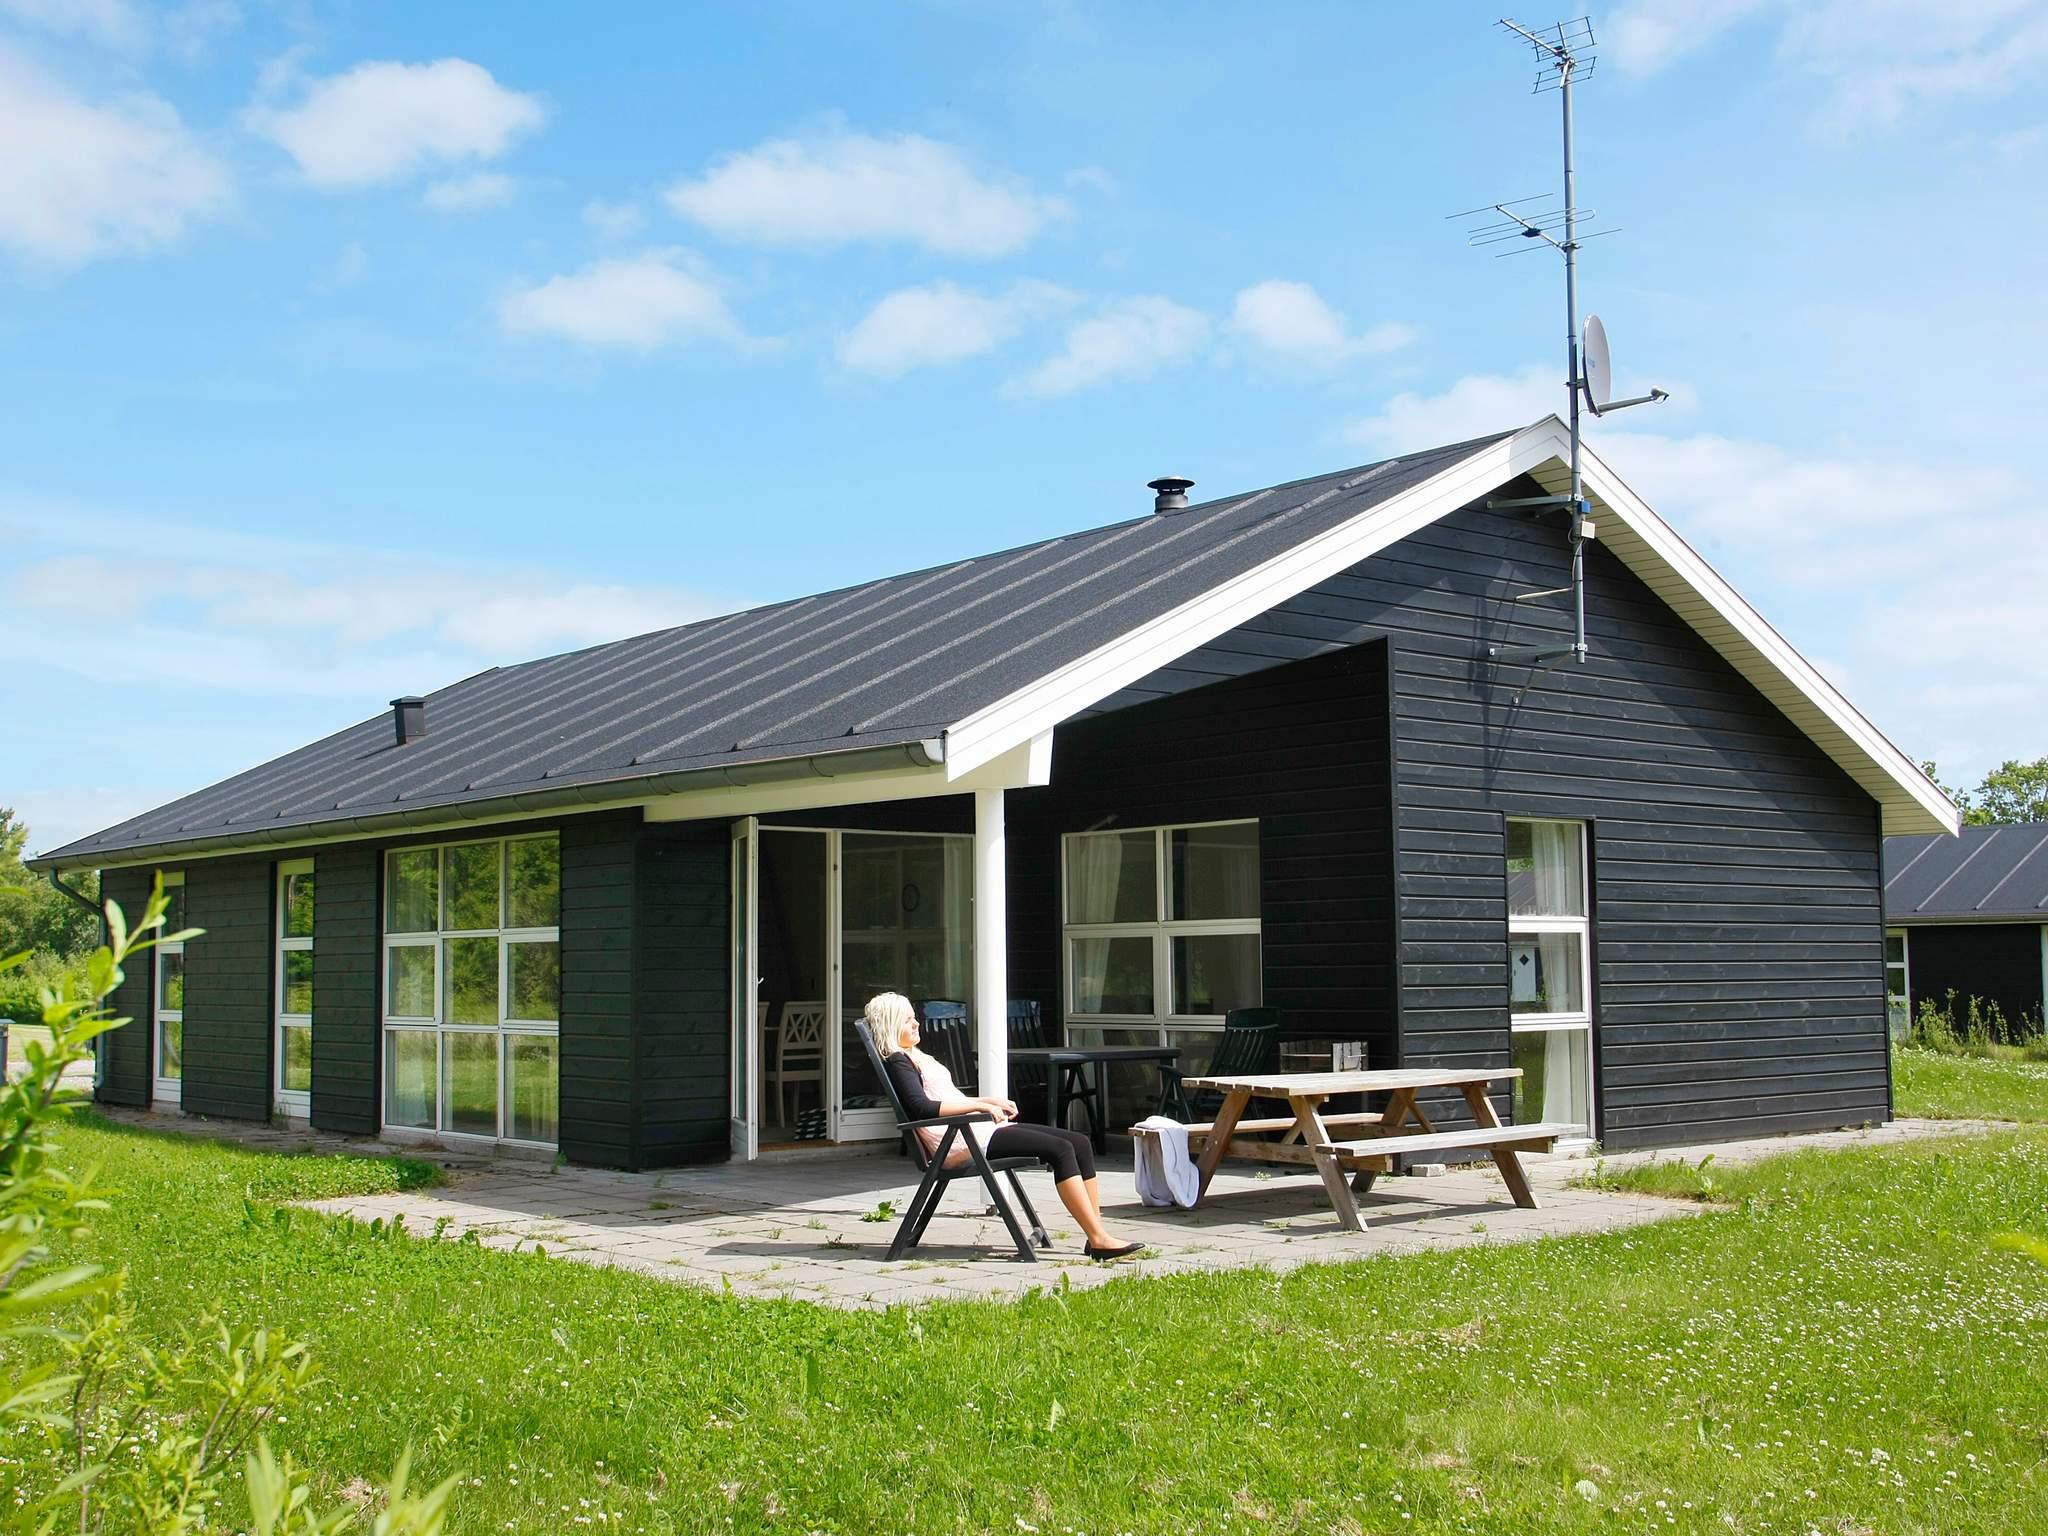 Ferienhaus Hou (377898), Hou, , Nordostjütland, Dänemark, Bild 1